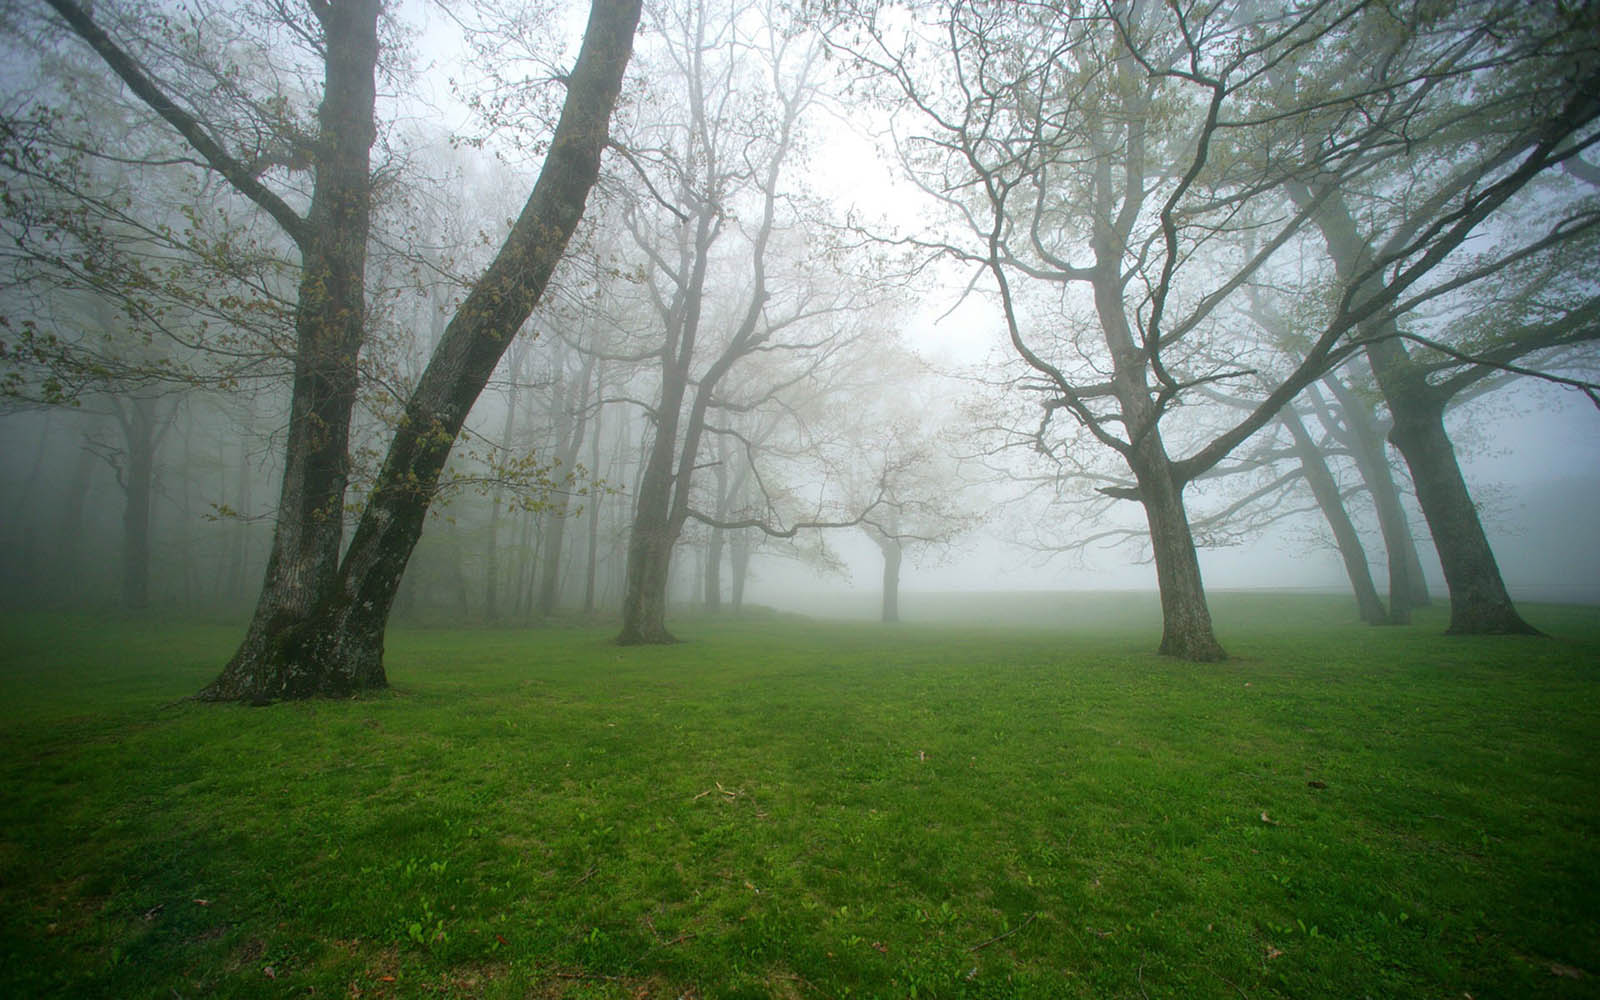 GambarGambar Kabut di Pagi Hari yang Sangat Indah